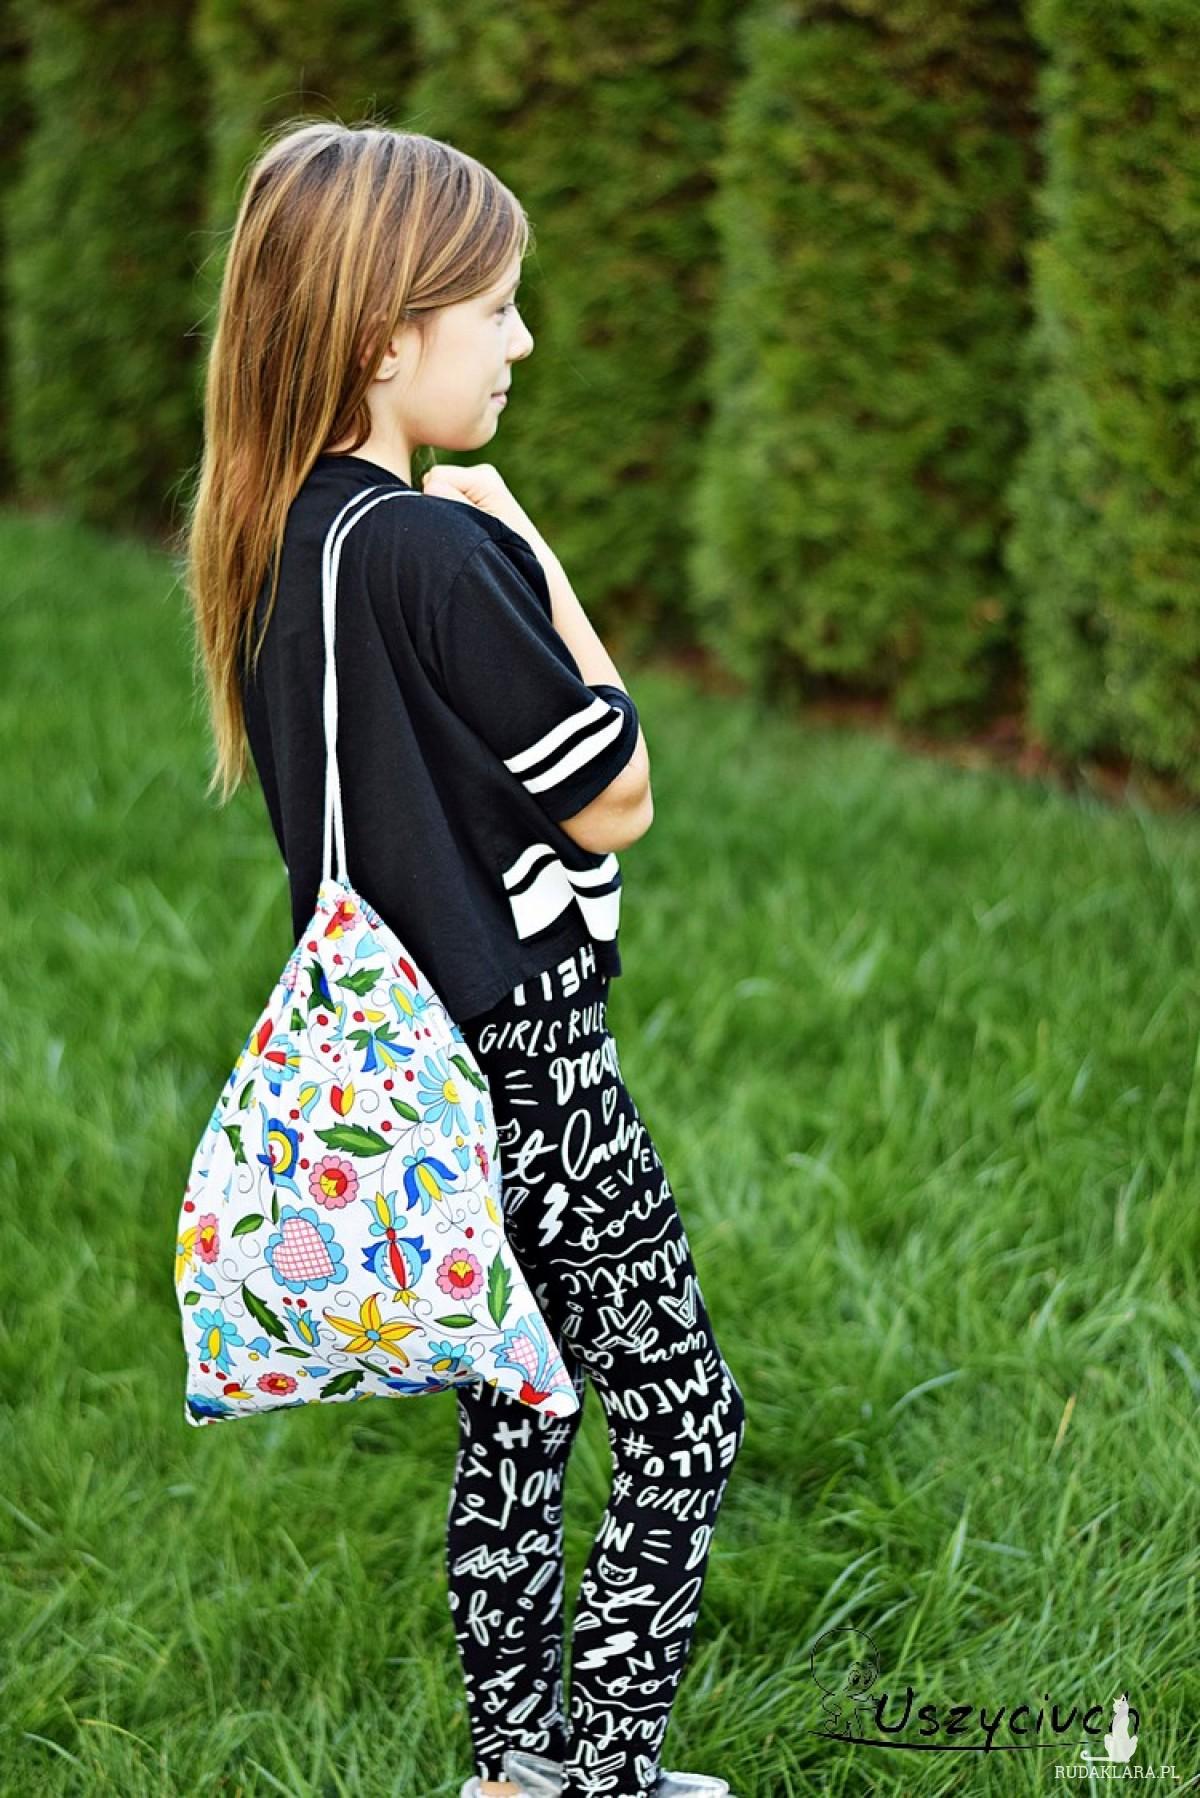 Worek na buty worek na kapcie do przedszkola do szkoły worek szkolny na ubrania kaszubski